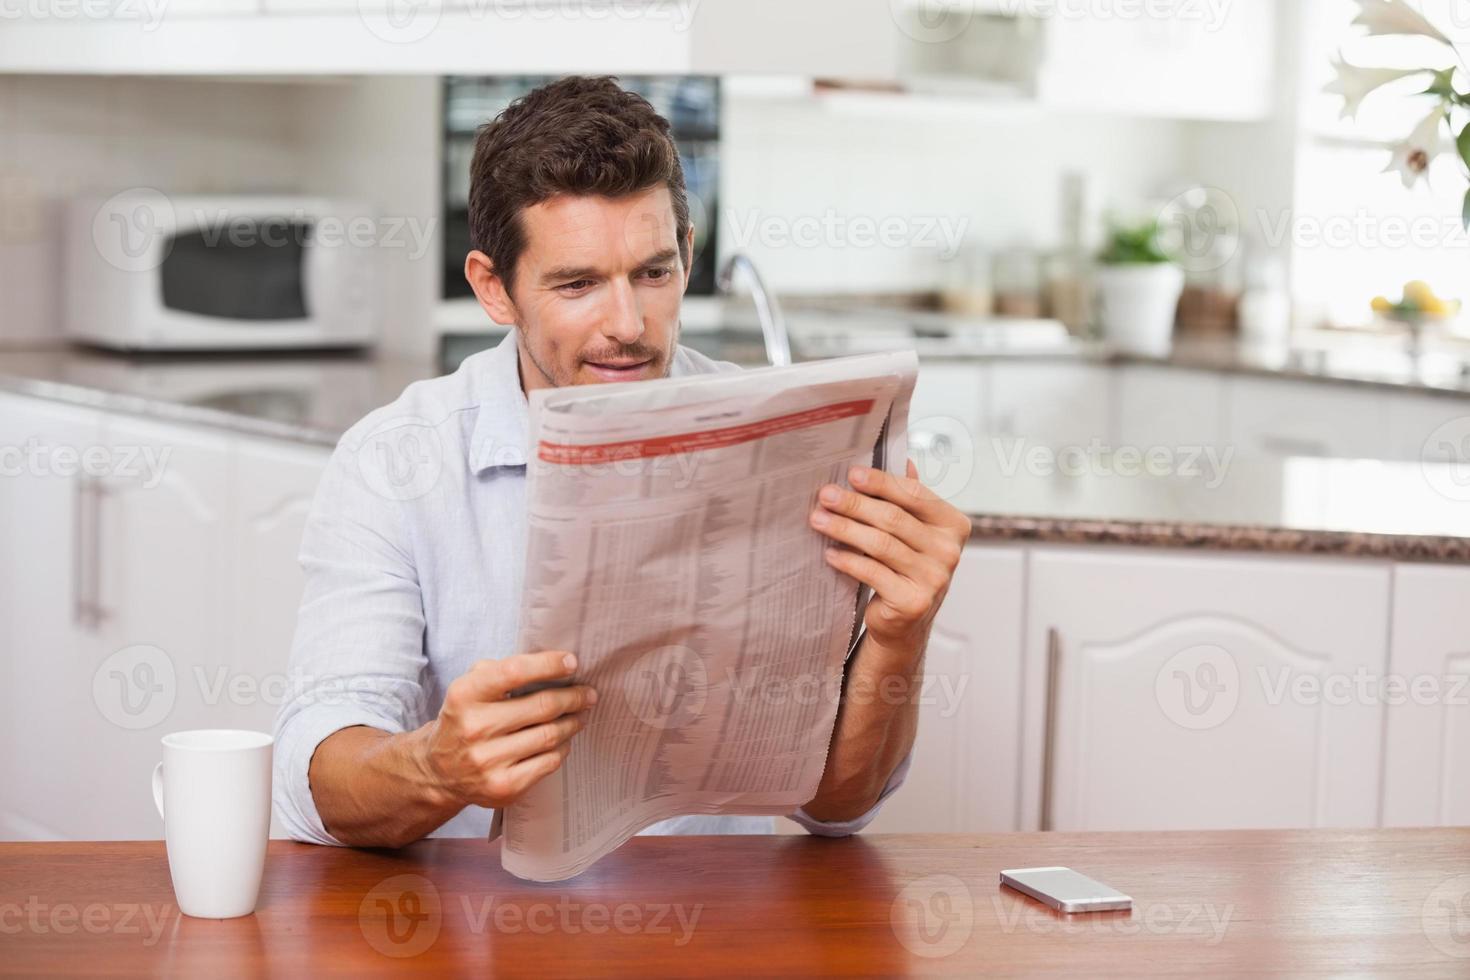 geconcentreerde man krant lezen in de keuken foto